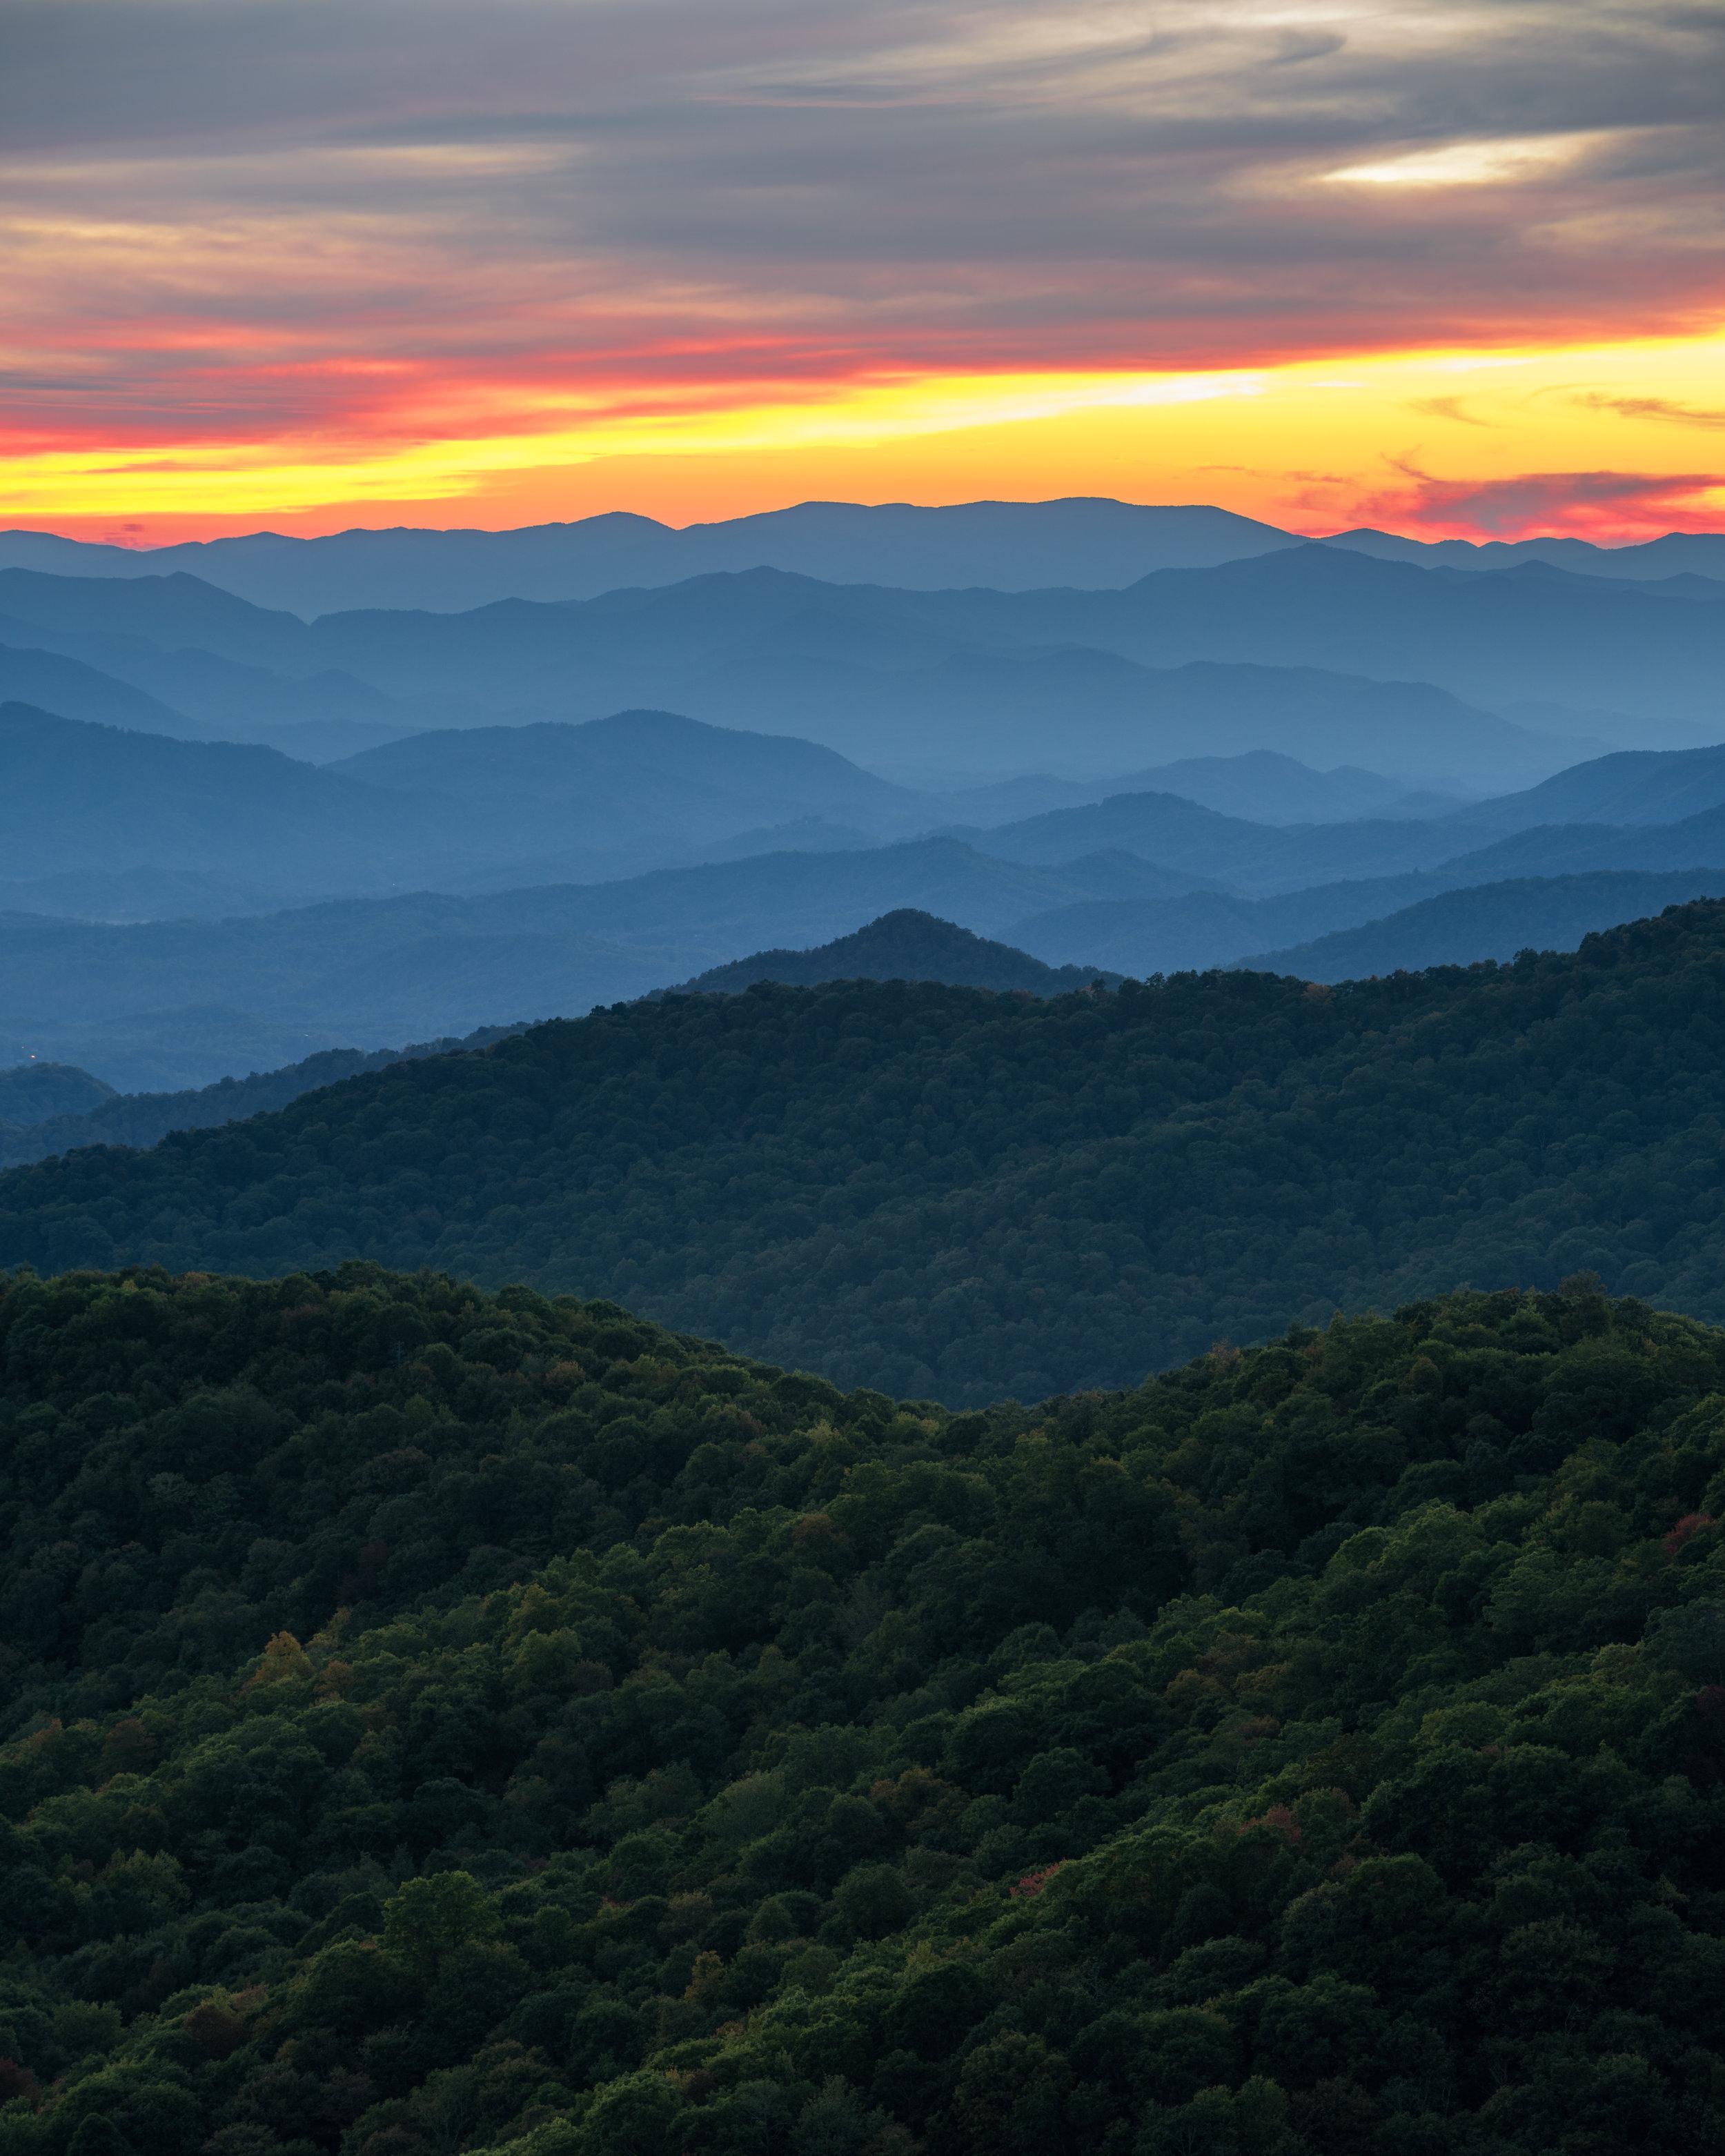 BRP Sunset 3.jpg